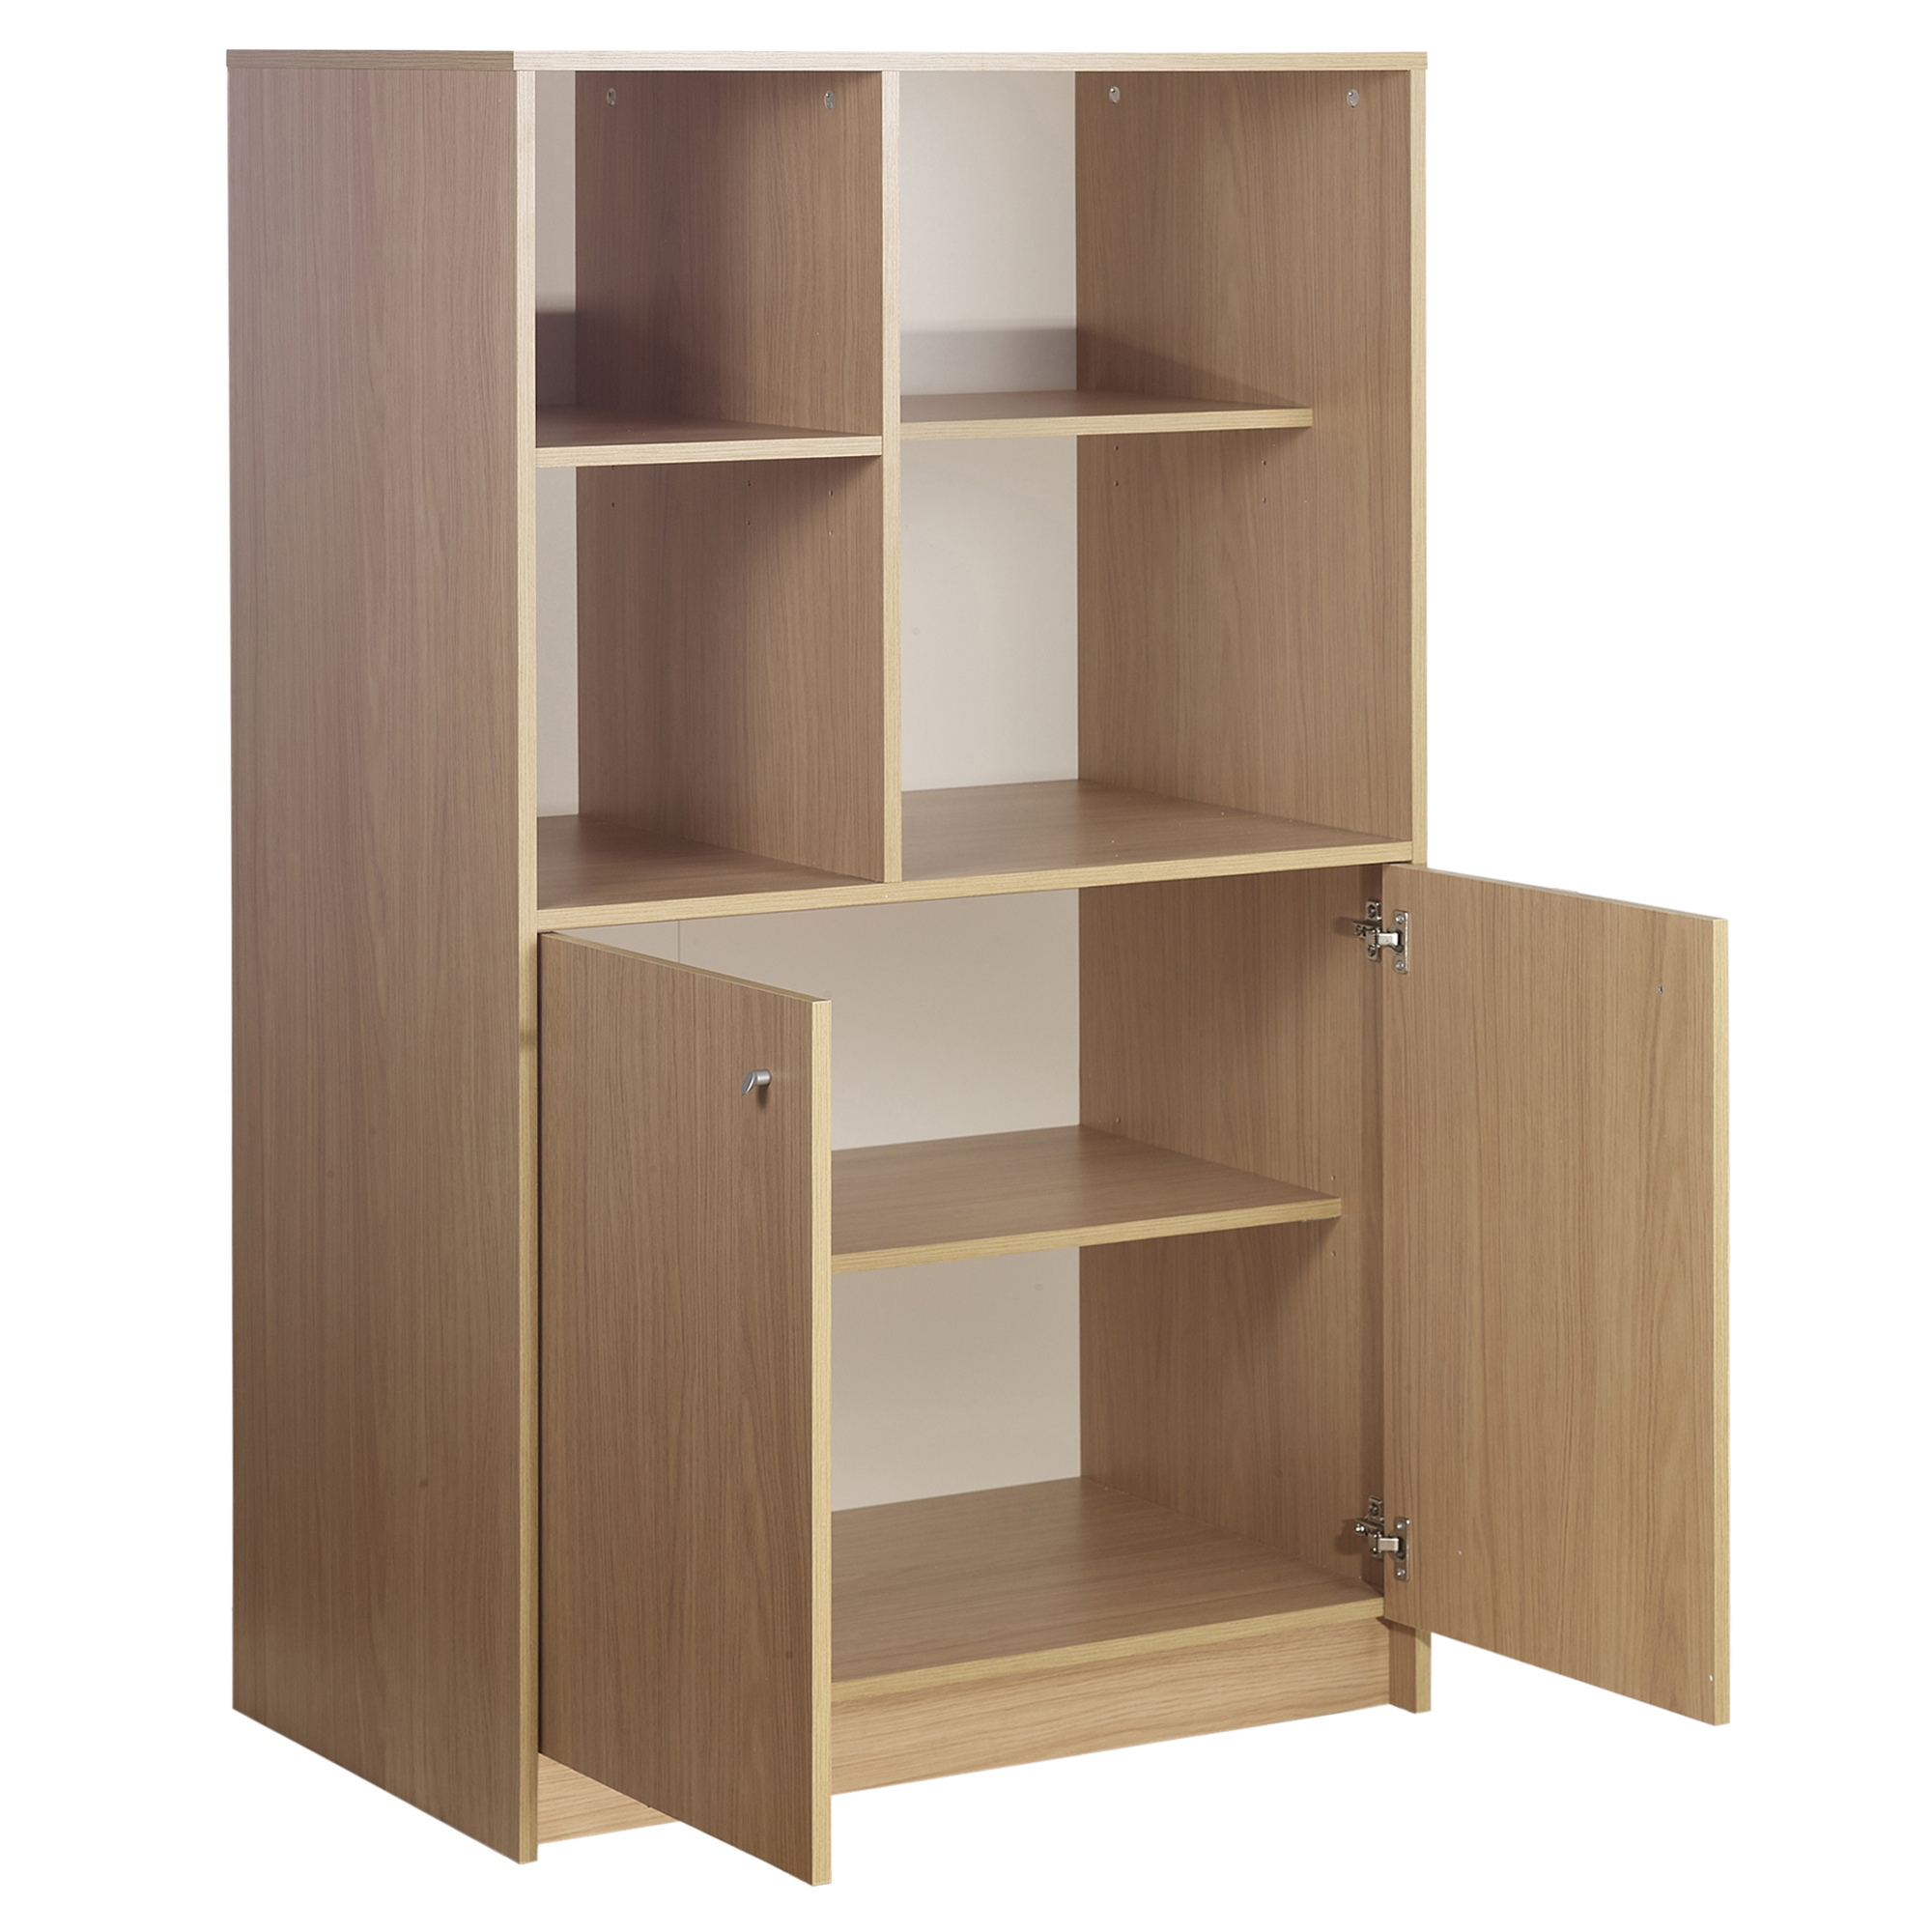 Calgary Hideaway Wooden 2 Door 4 Cube Cabinet Bookcase Storage